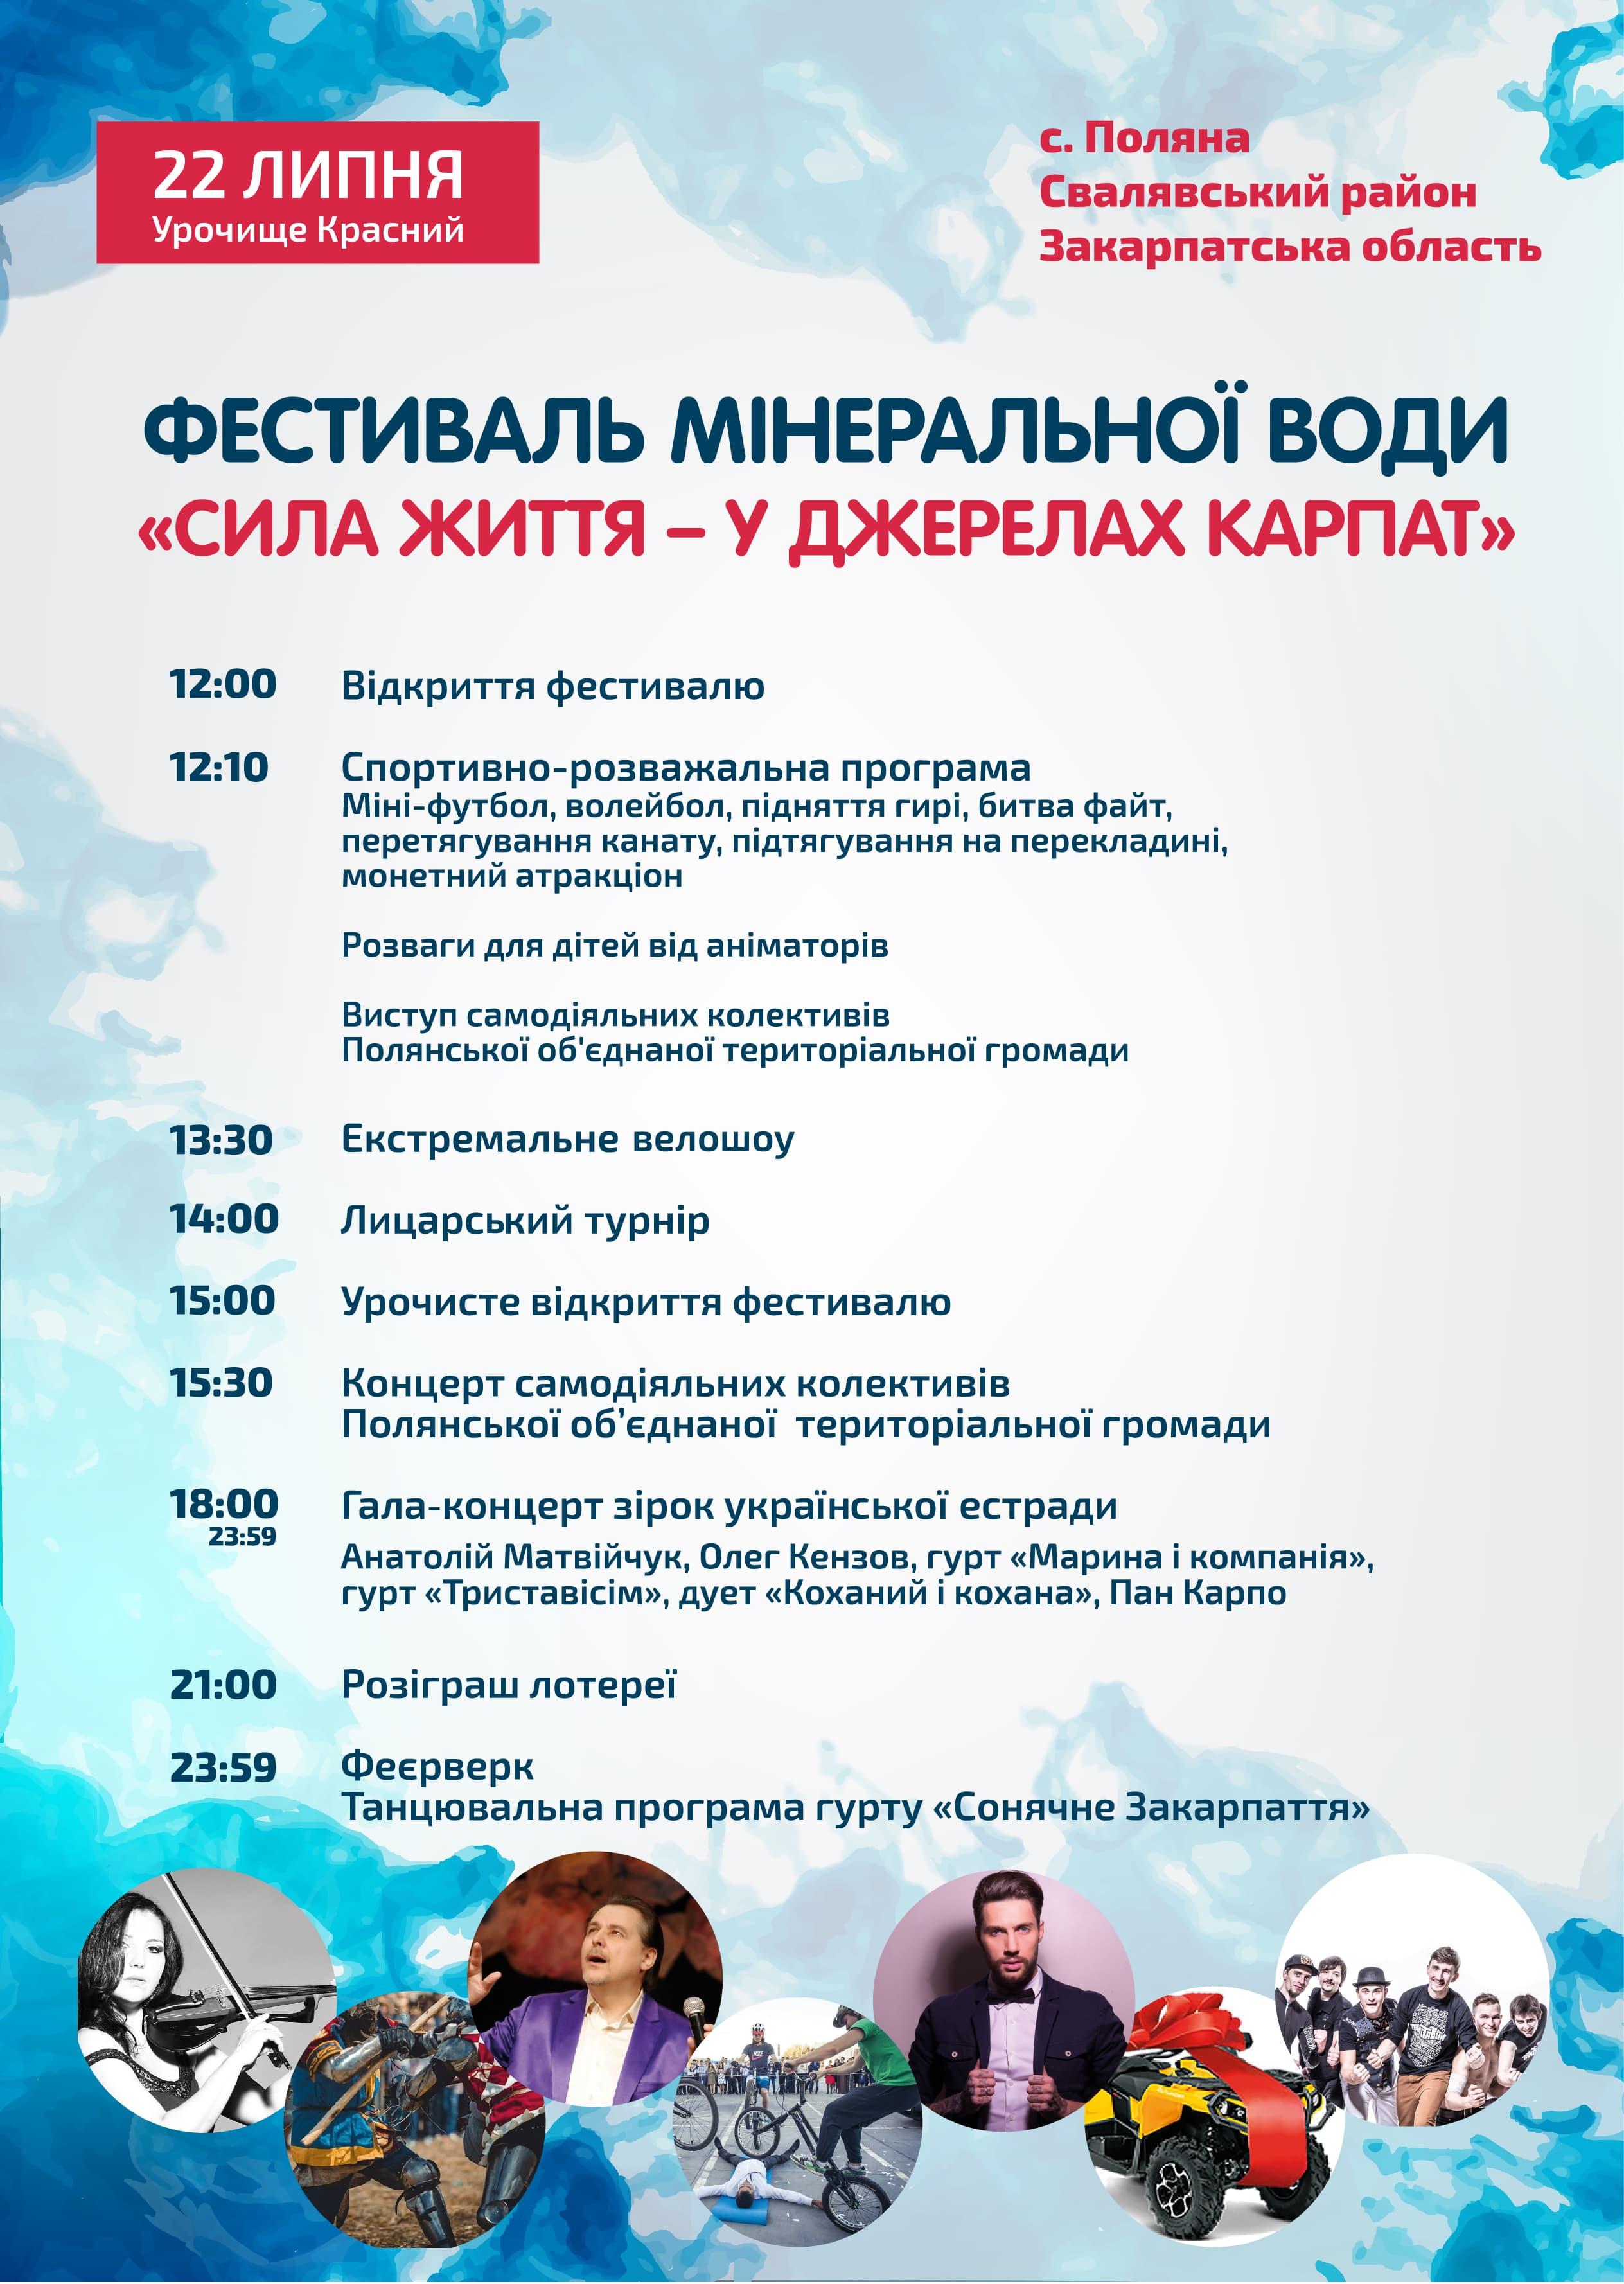 Запрошуємо всіх на фестиваль мінеральної води!!!